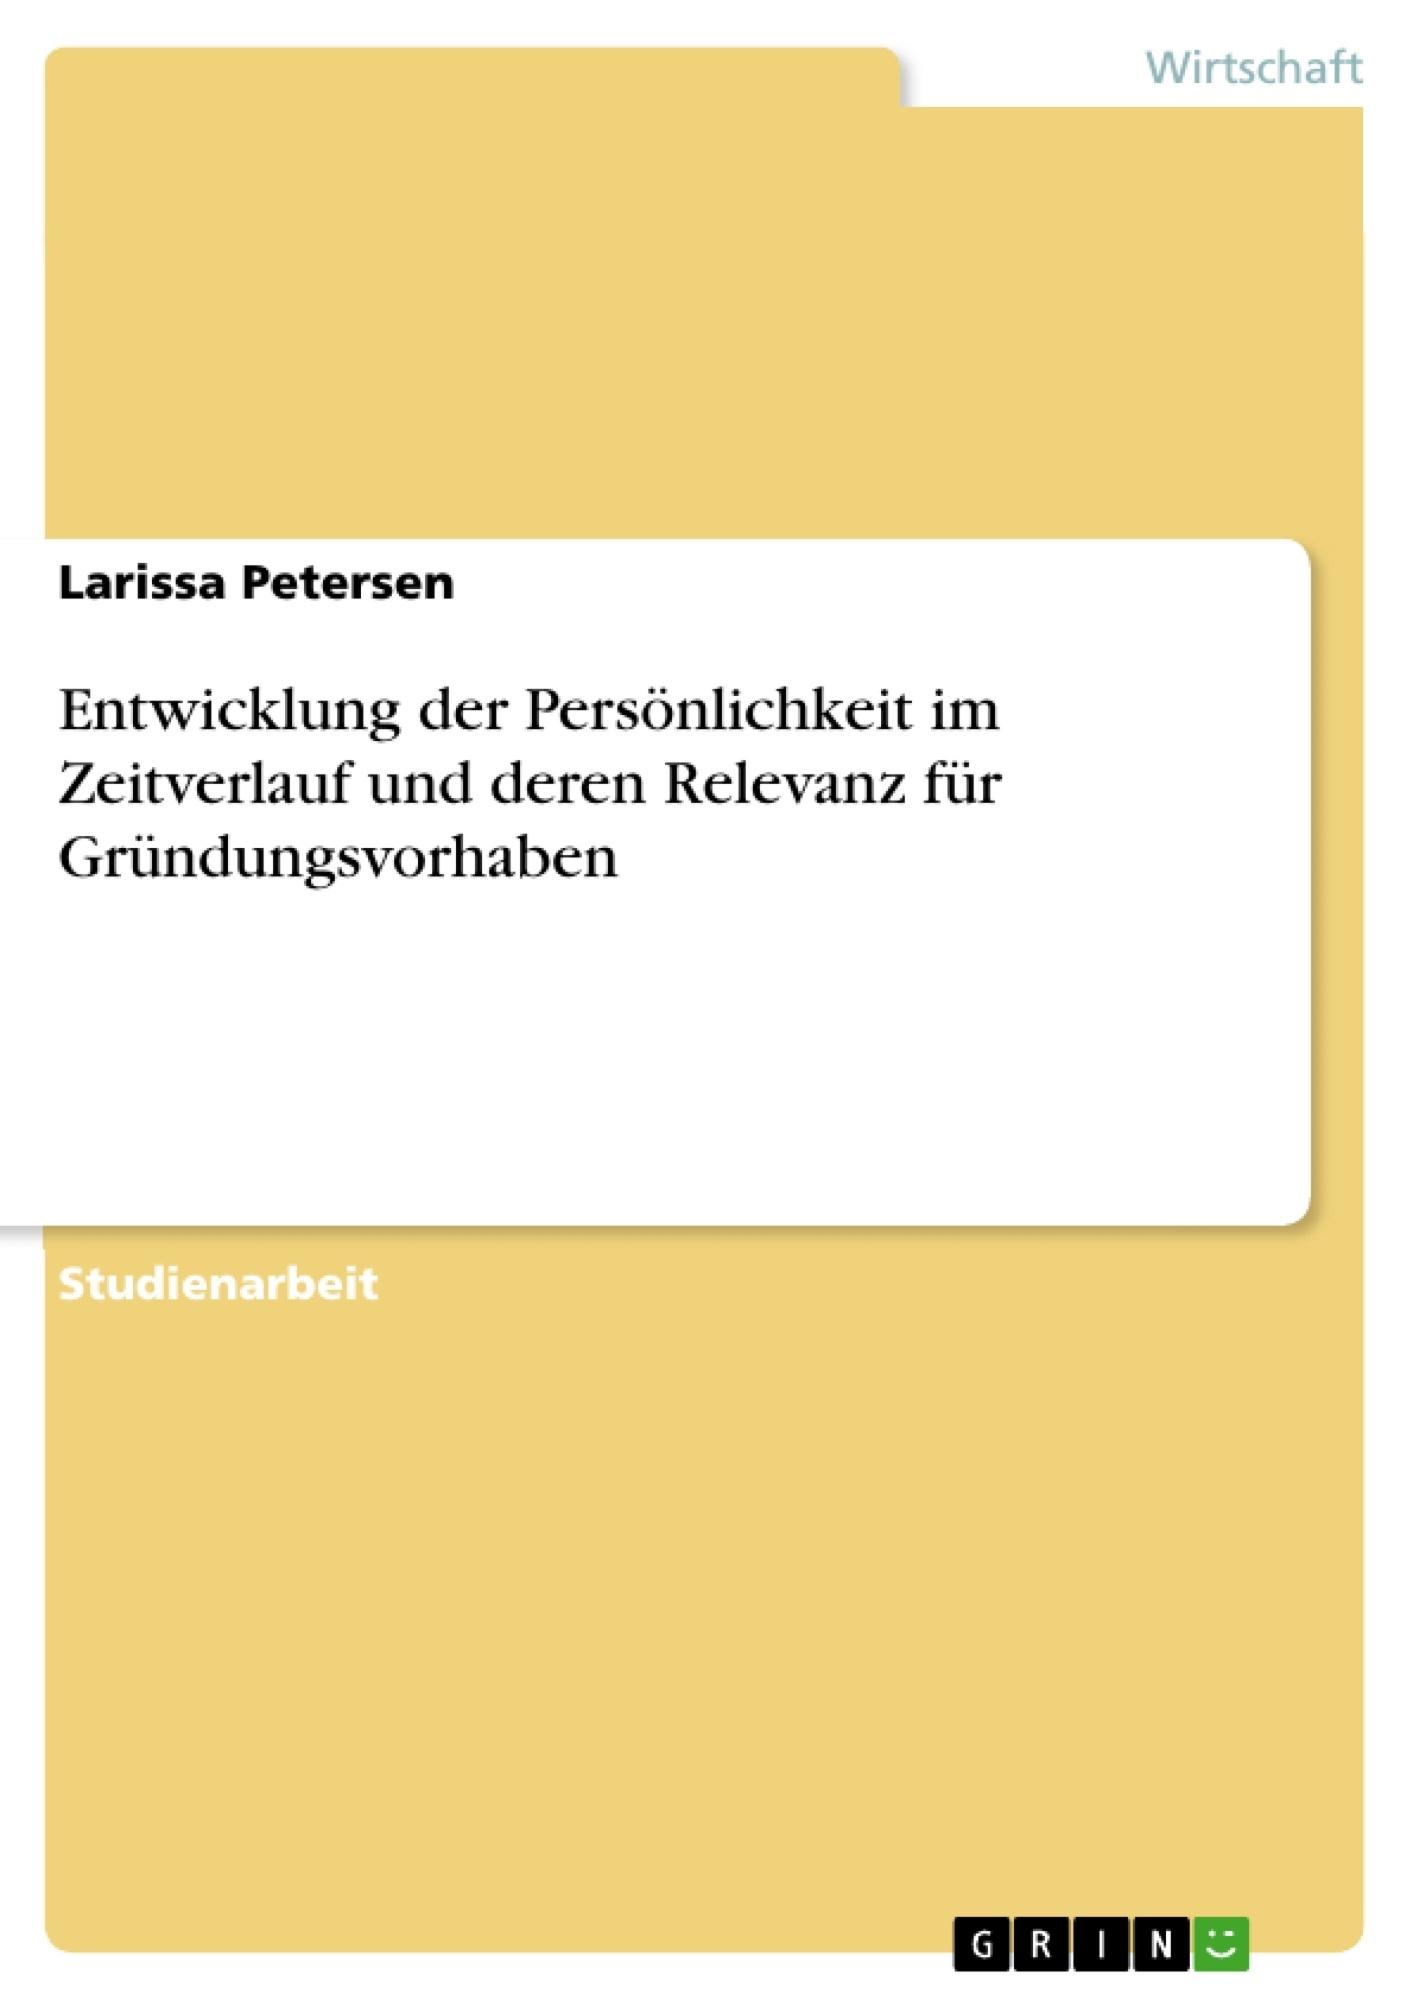 Titel: Entwicklung der Persönlichkeit im Zeitverlauf und deren Relevanz für Gründungsvorhaben